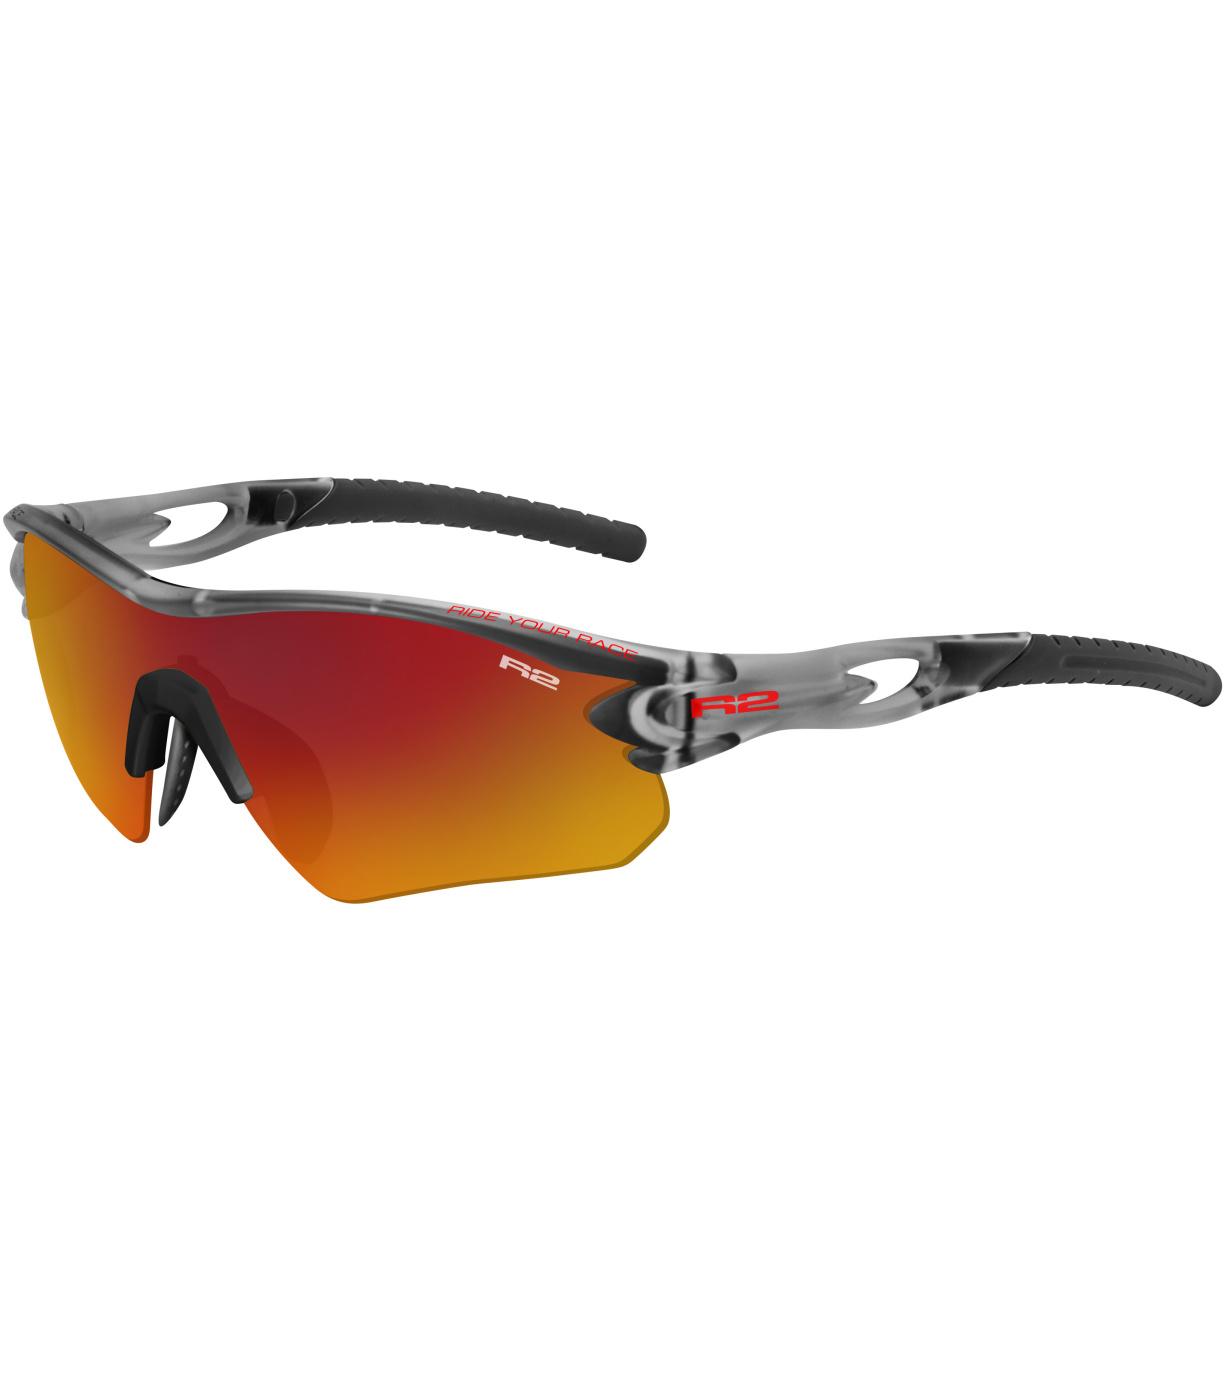 R2 PROOF Sportovní sluneční brýle AT095K L